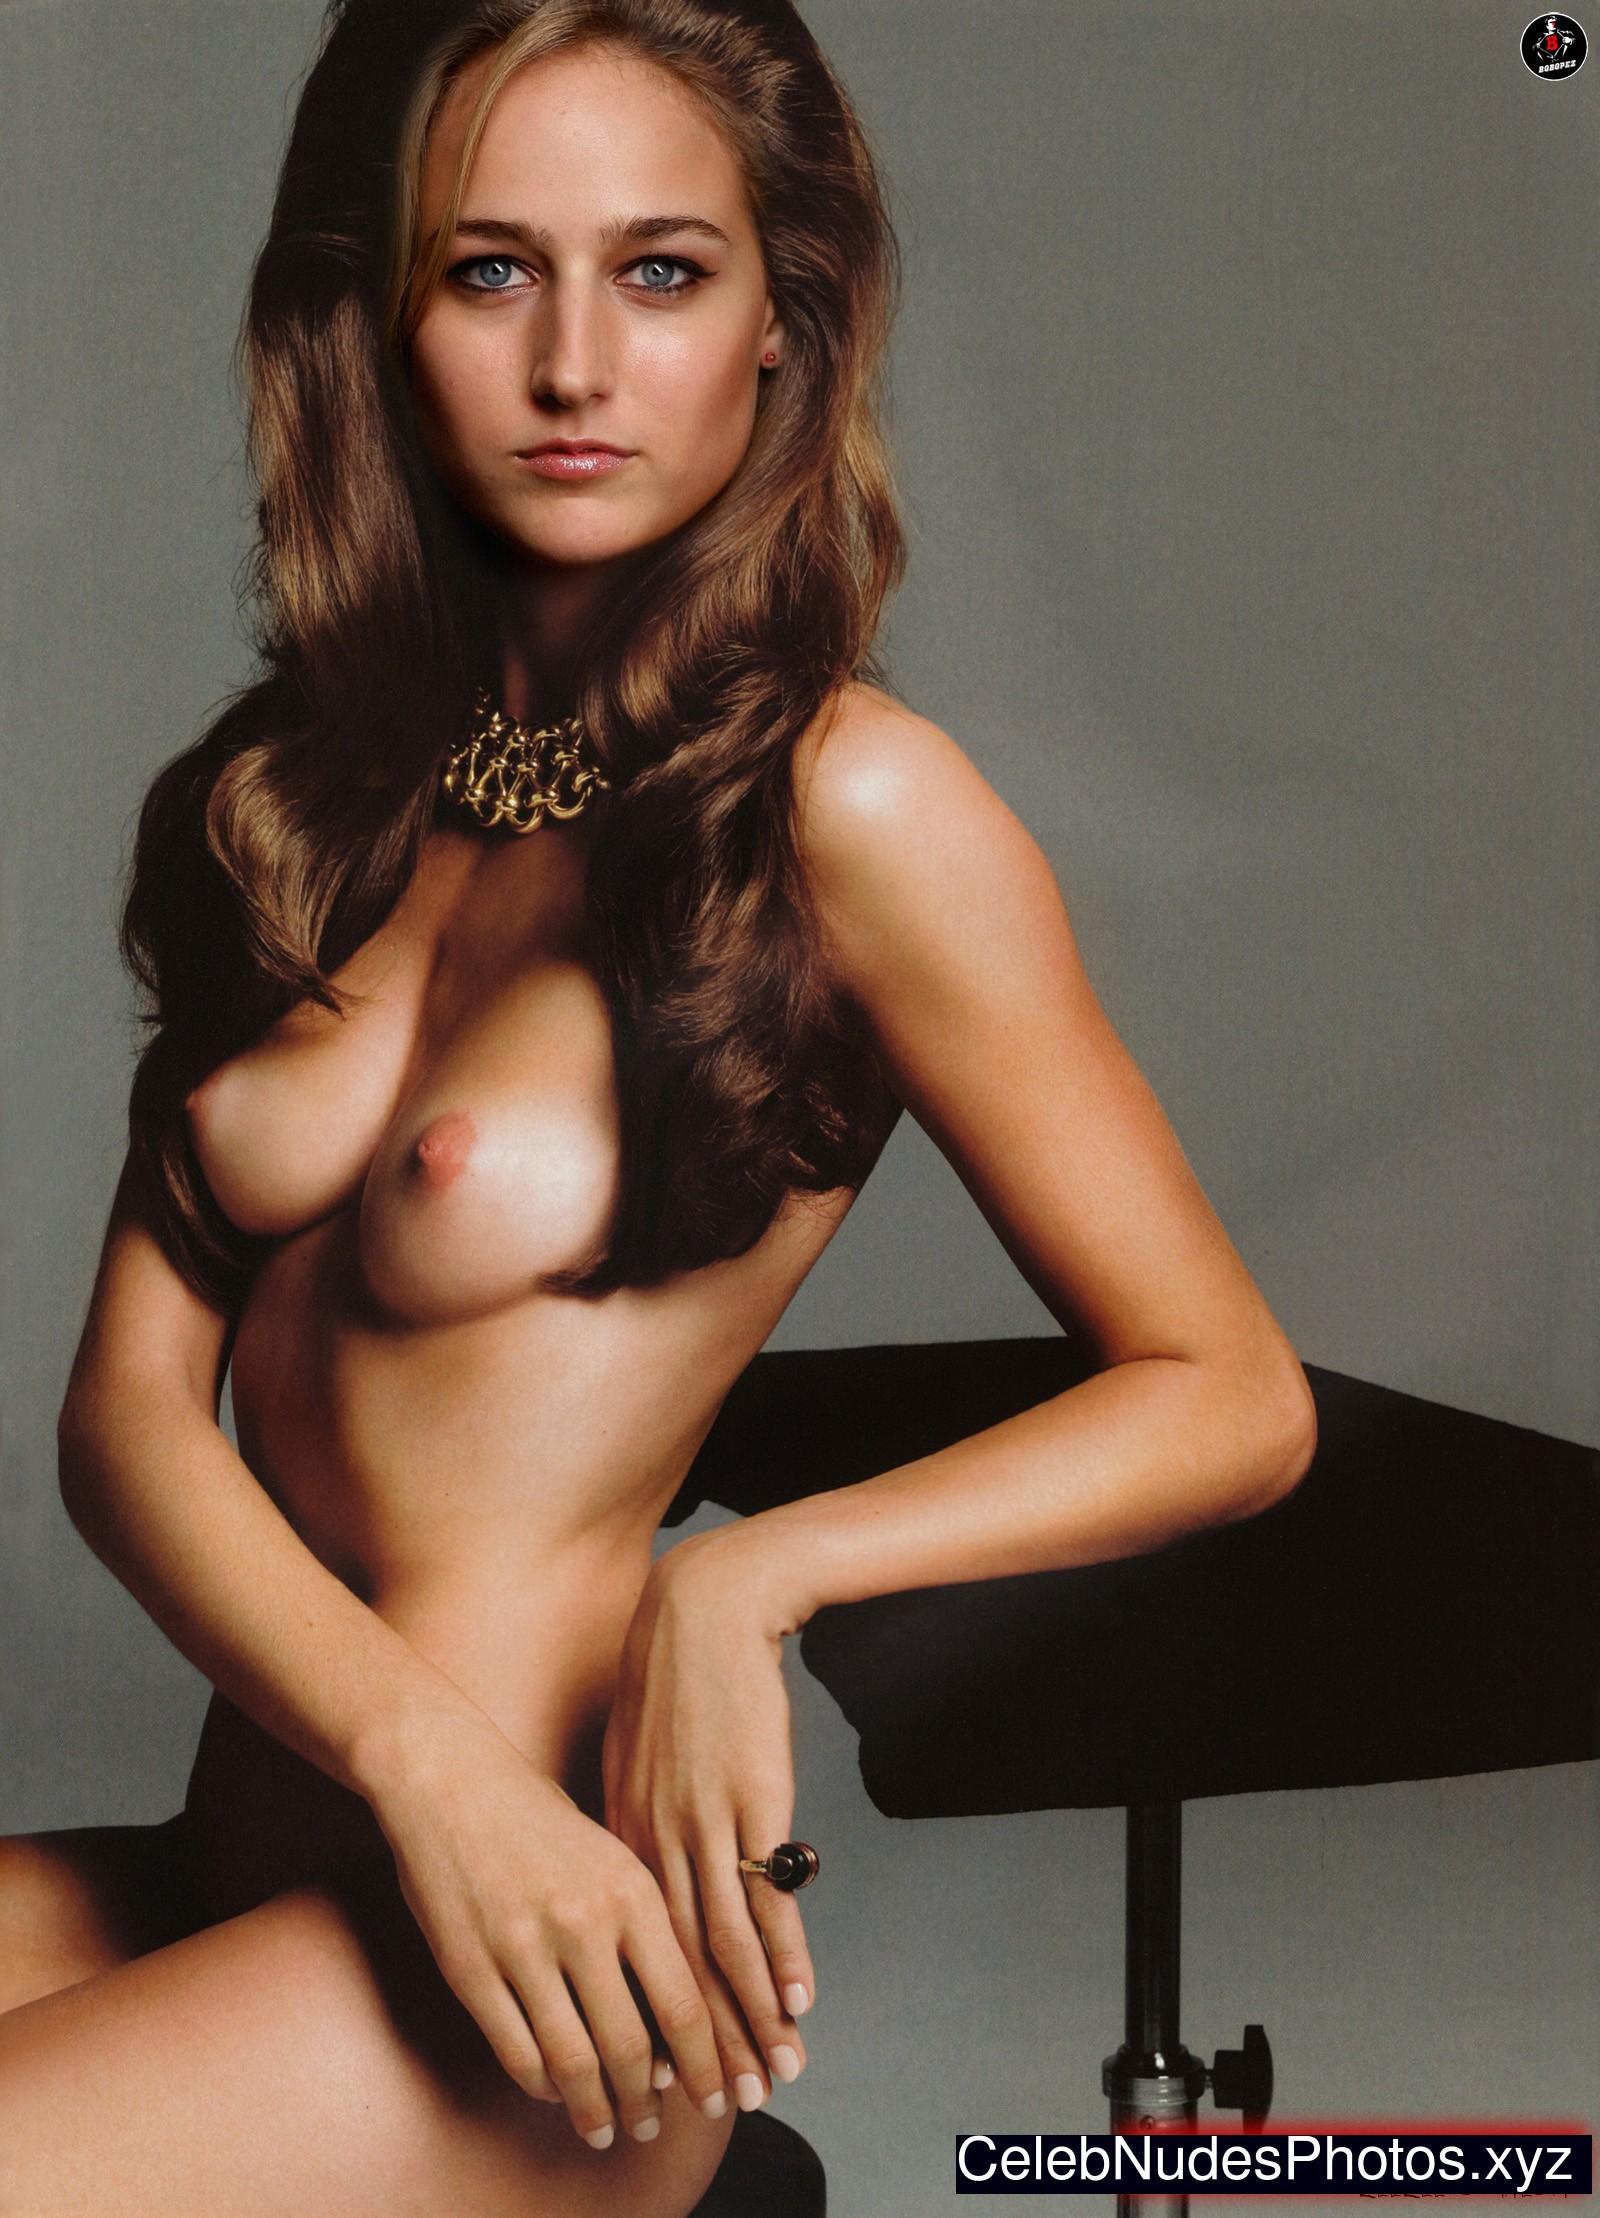 celebs sexy nude